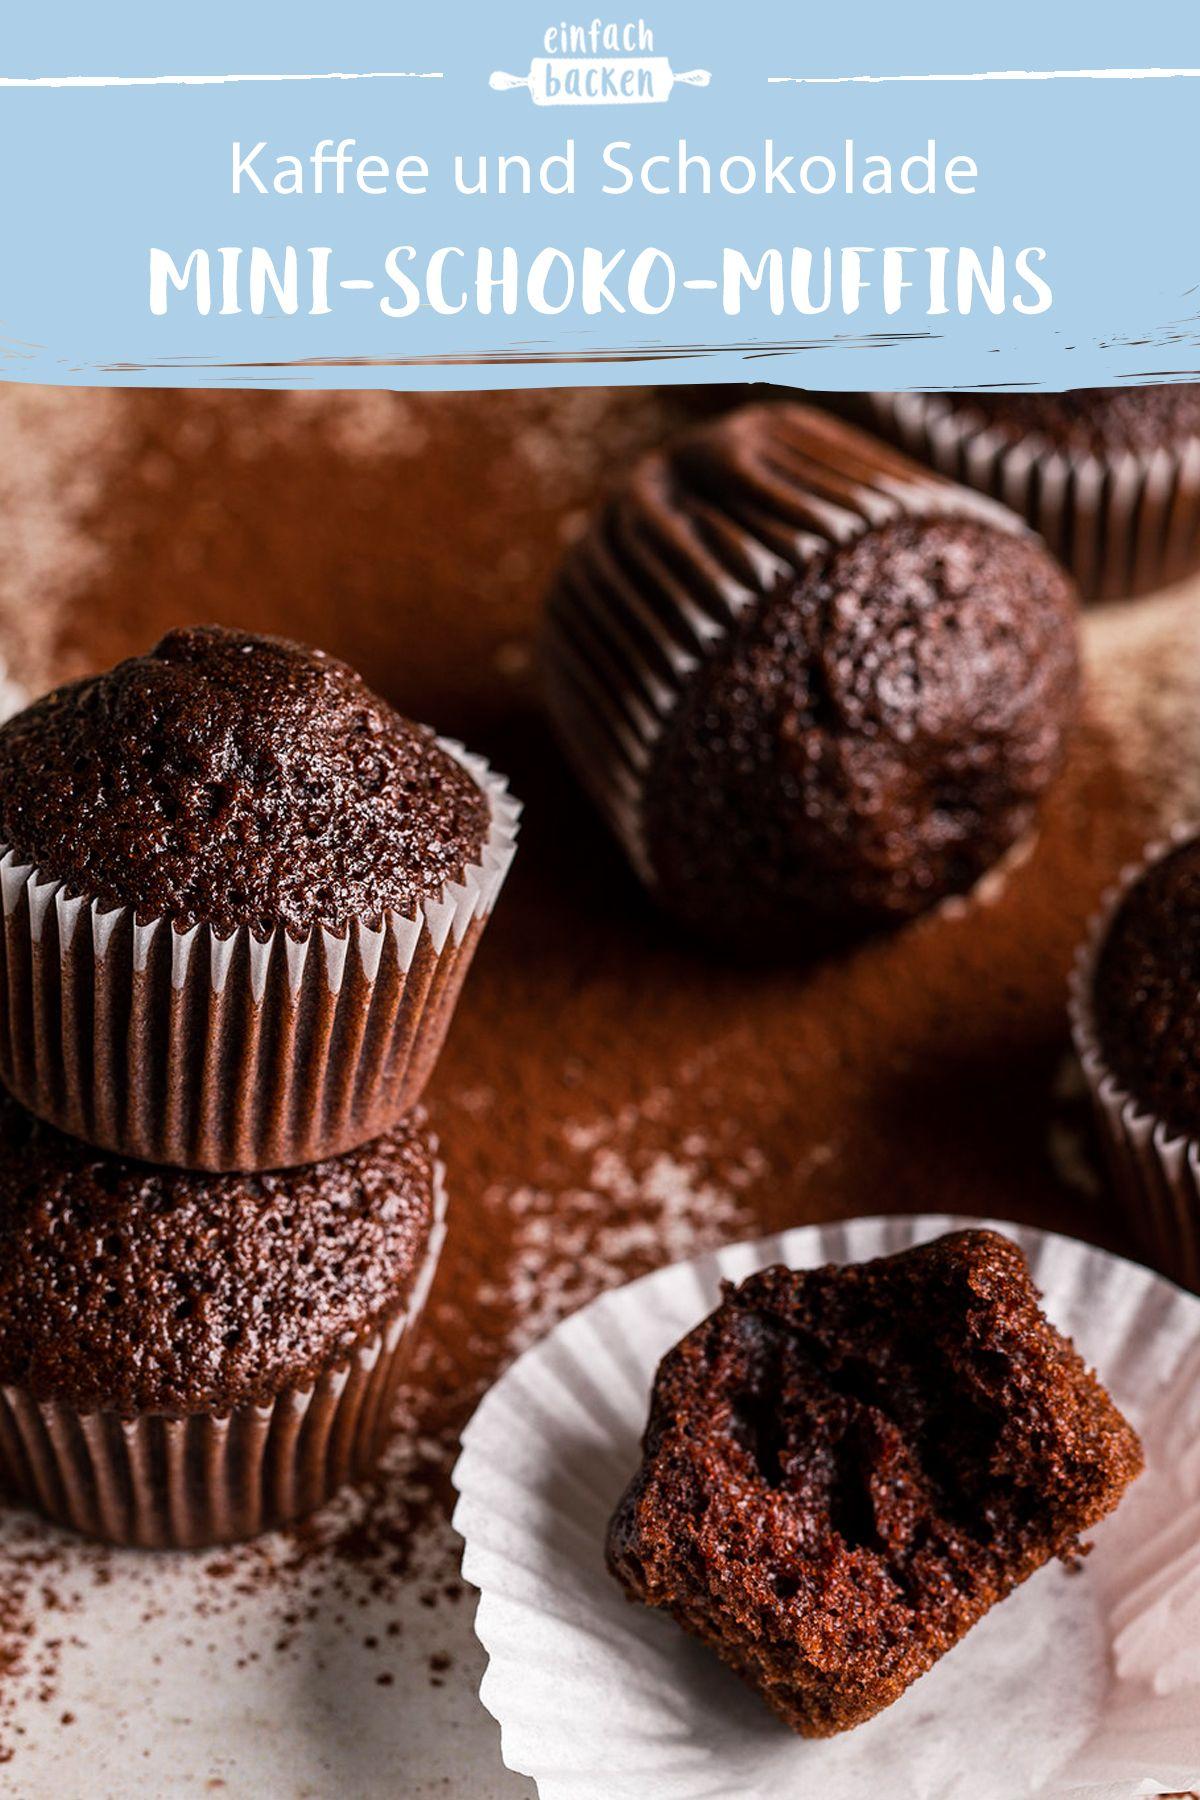 edc96090643fe157f21741a9a3841115 - Muffins Rezepte Schoko